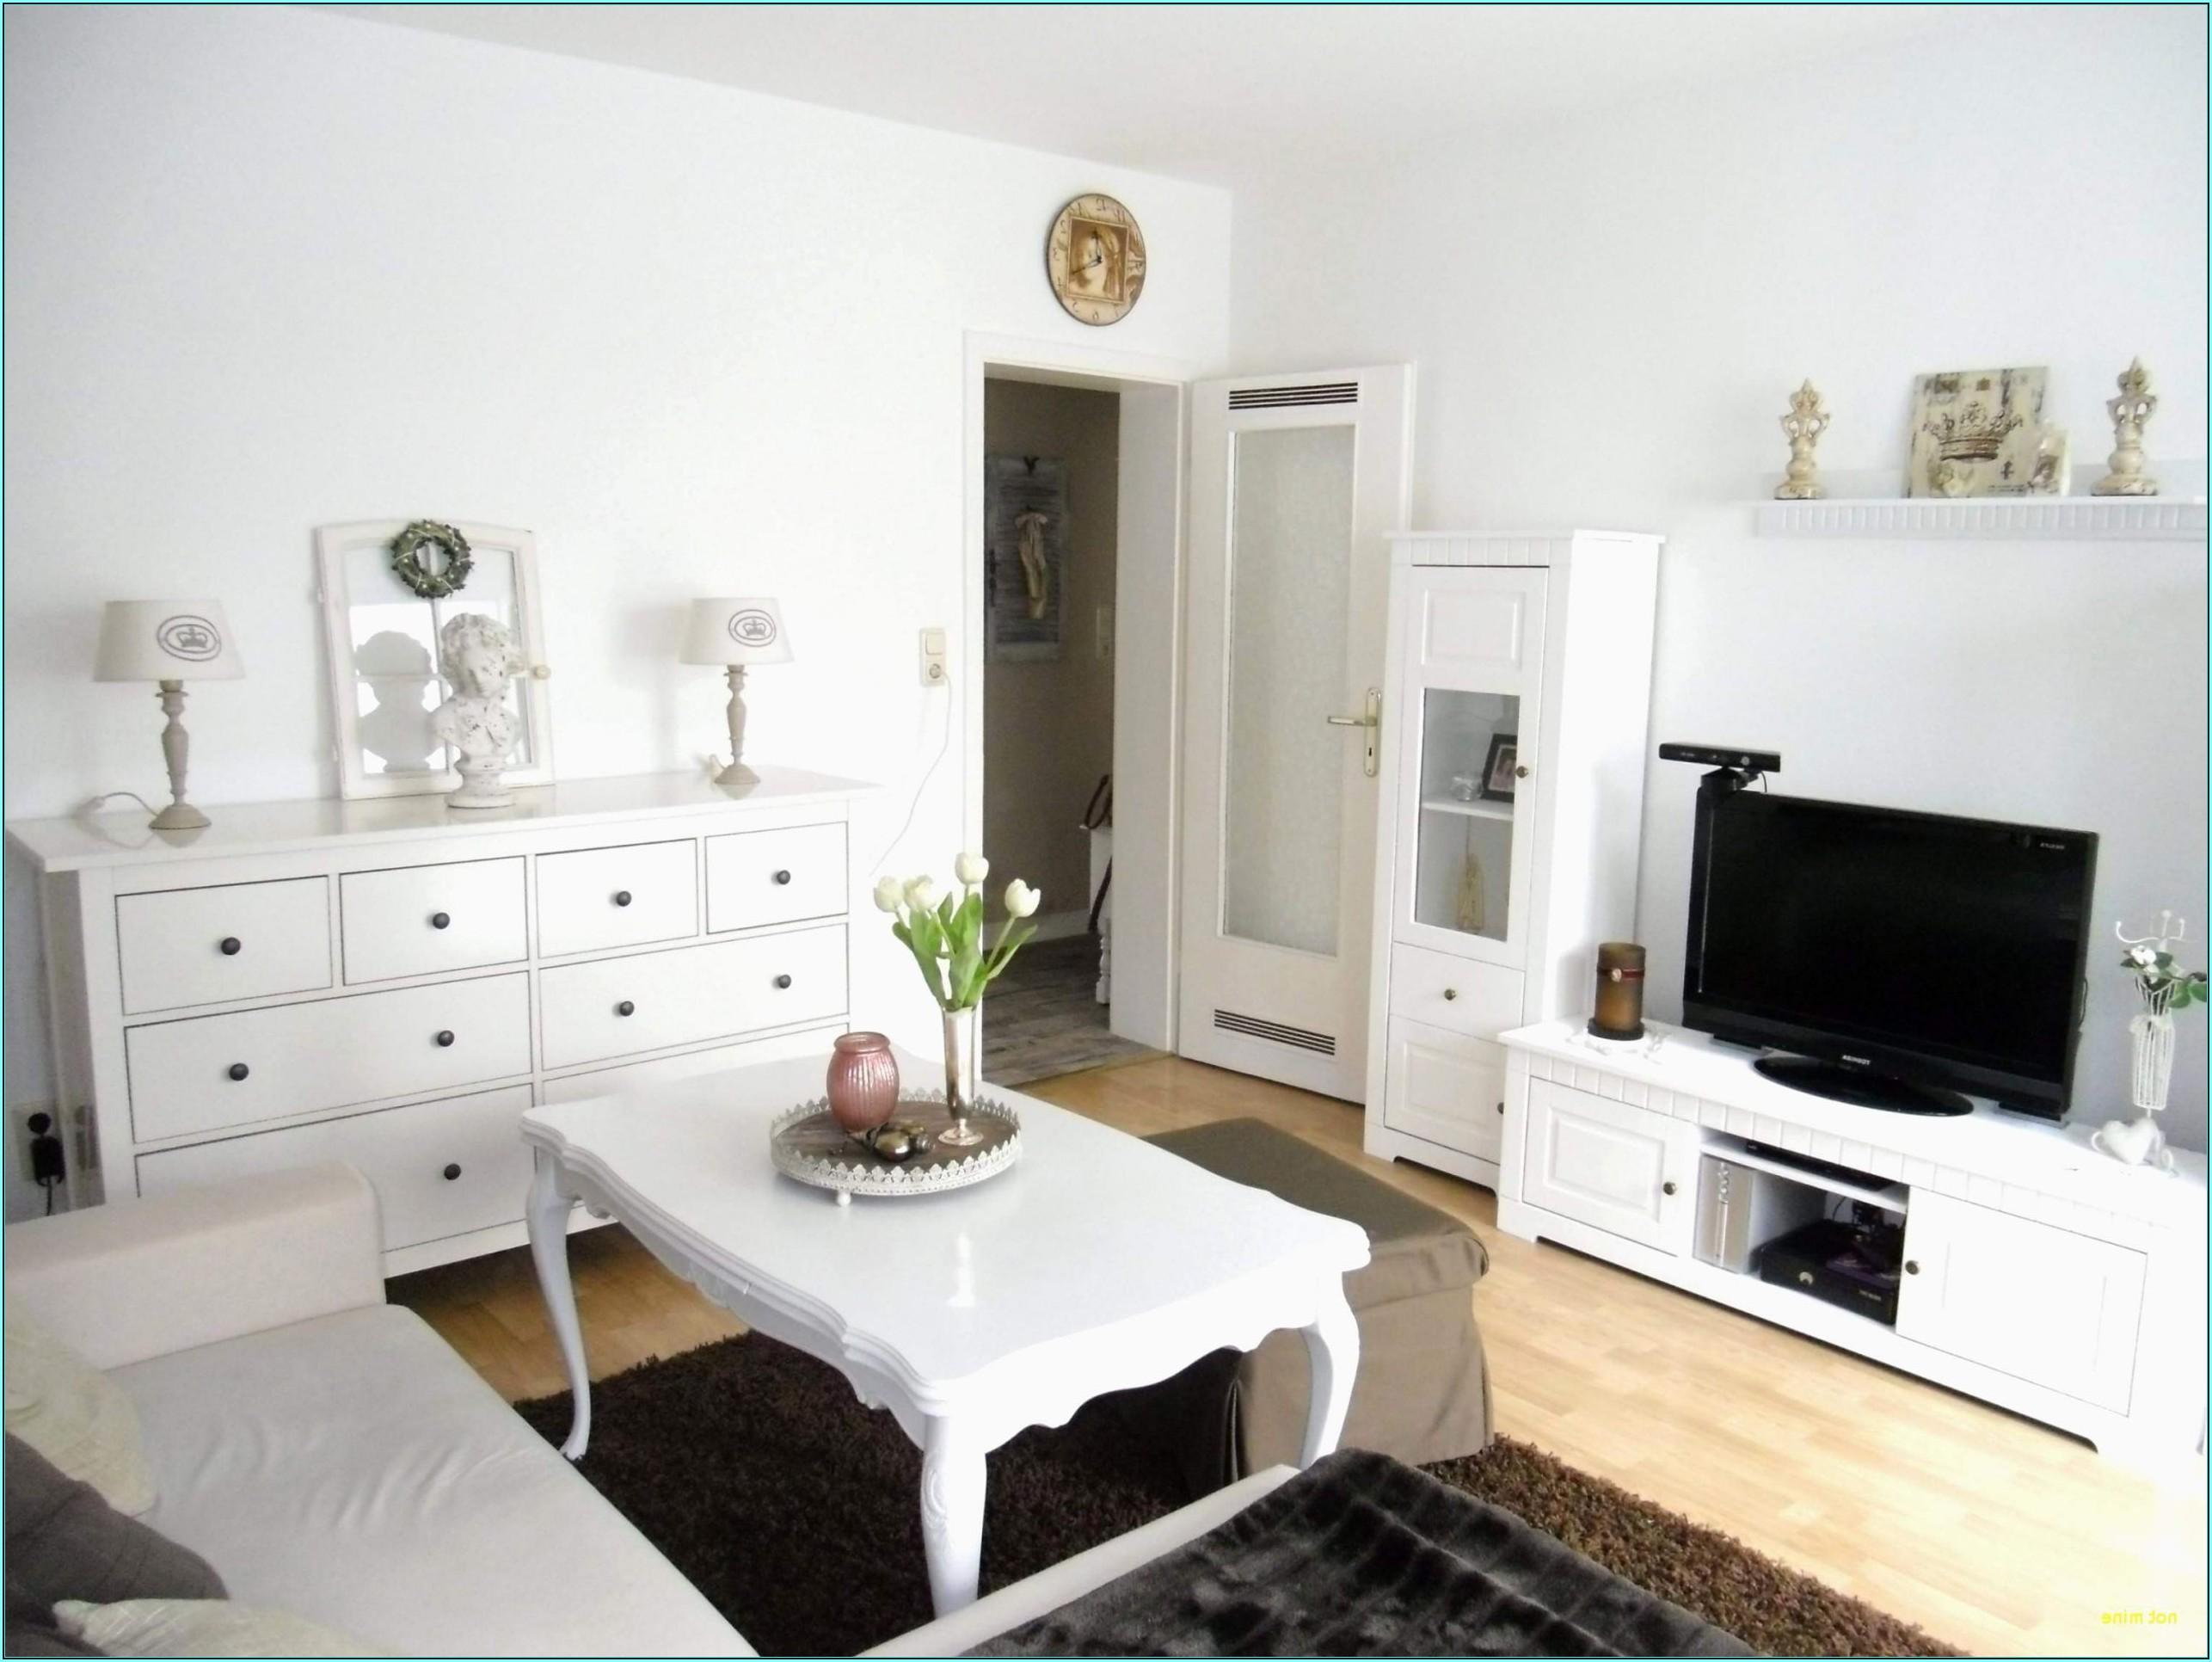 Wohnzimmer Ideen Bilder